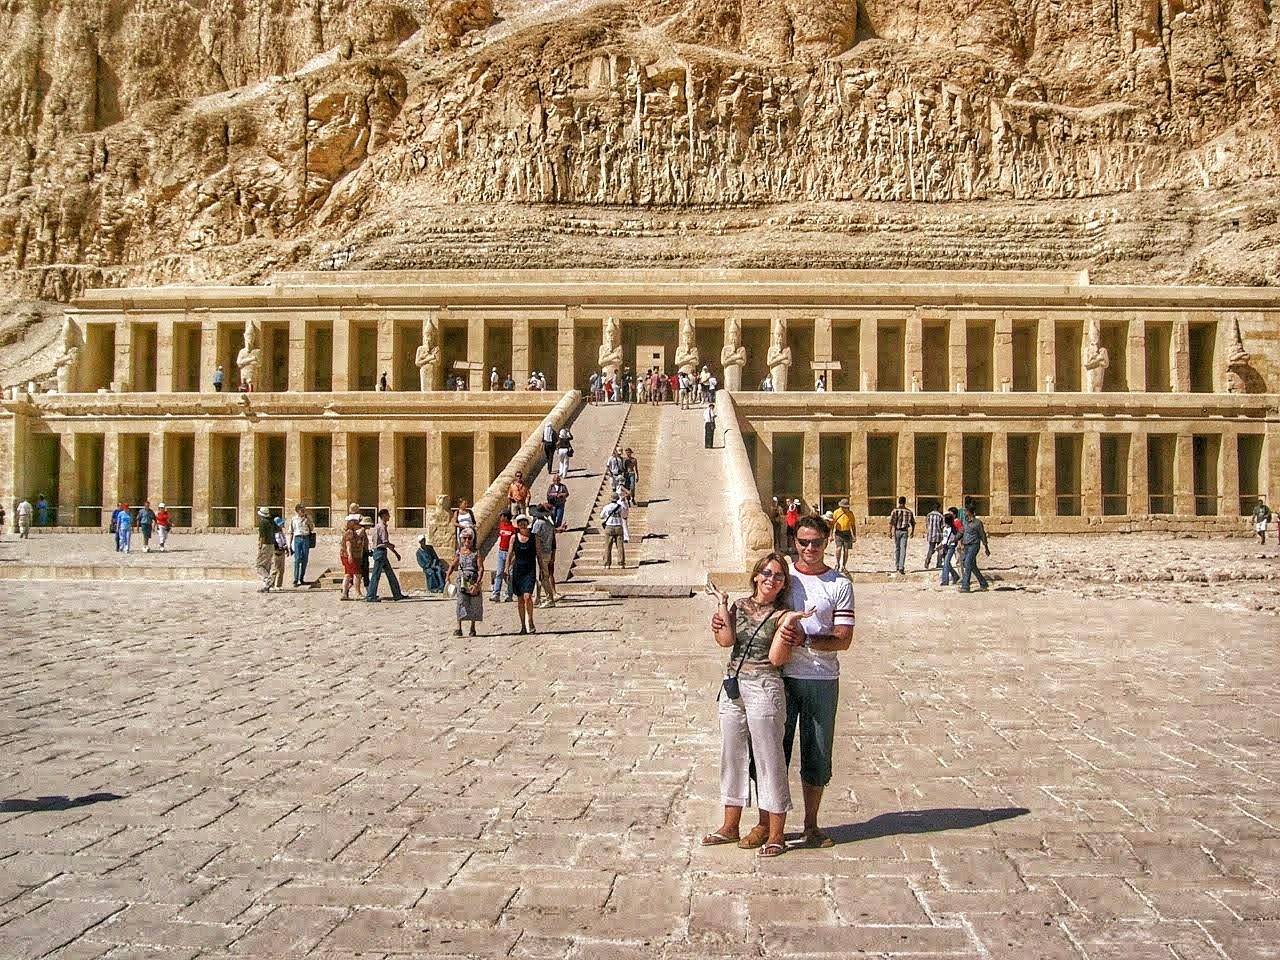 Templo de la reina-faraón Hatshepsut